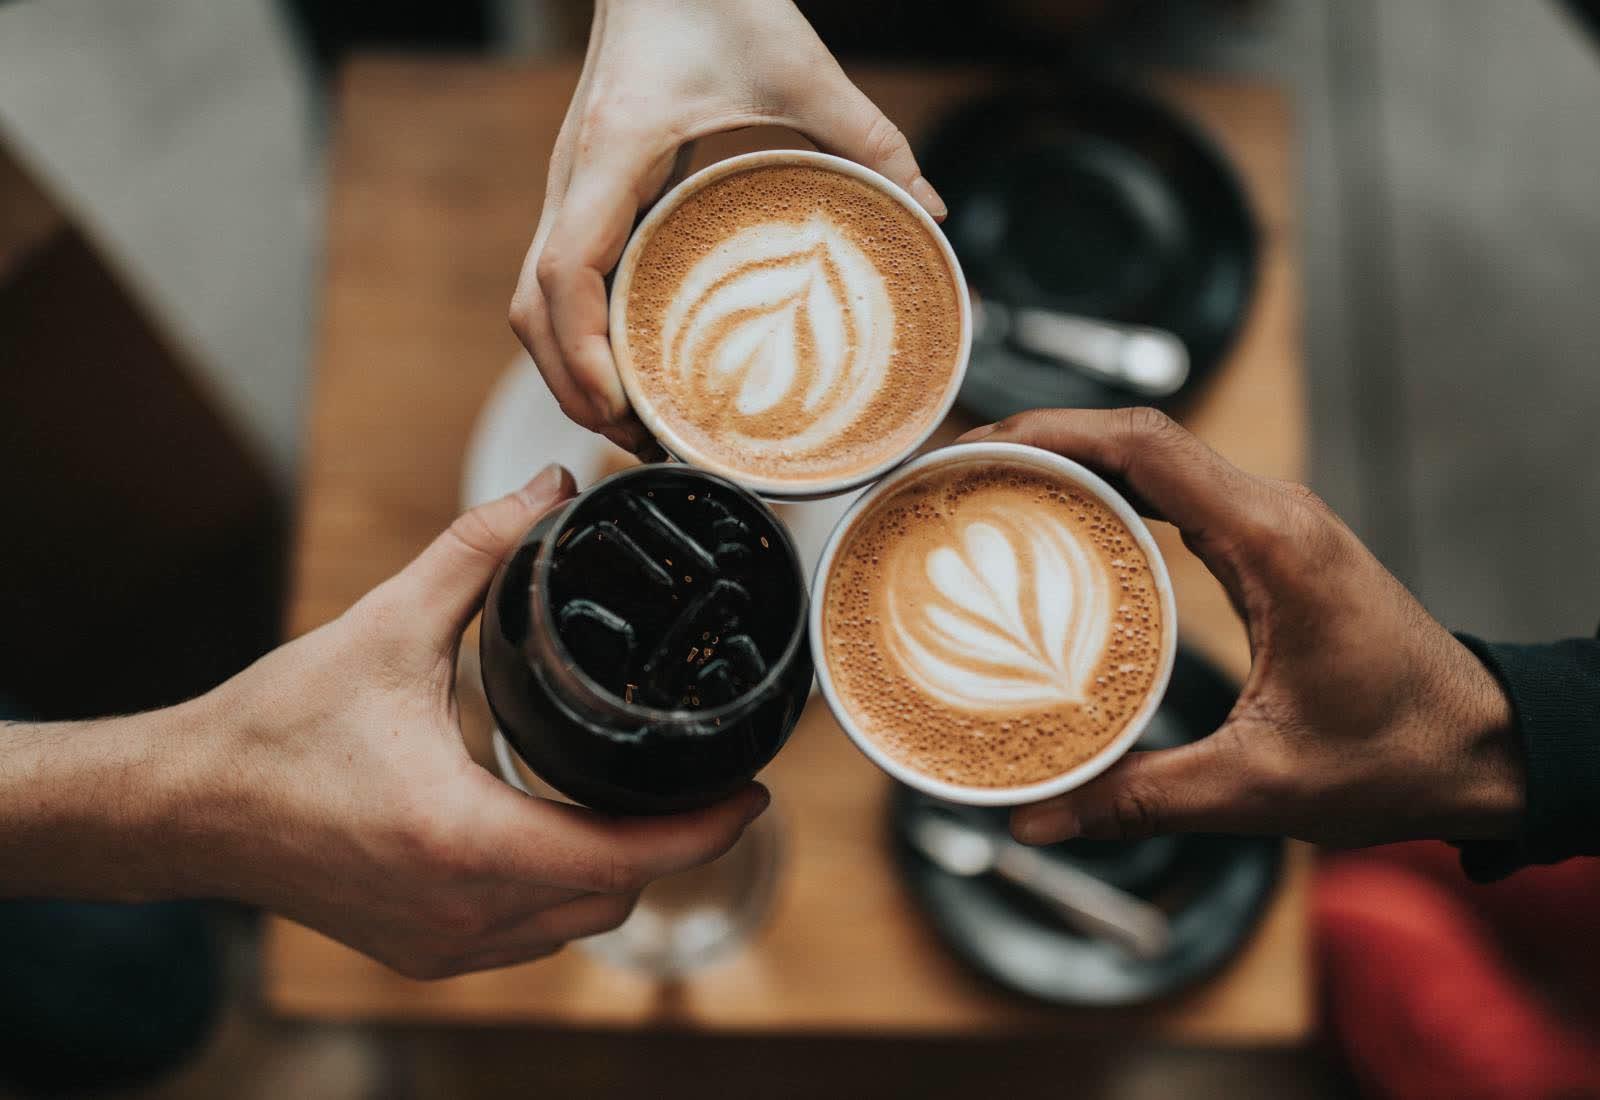 Immagine Del caffè non si butta via niente 1